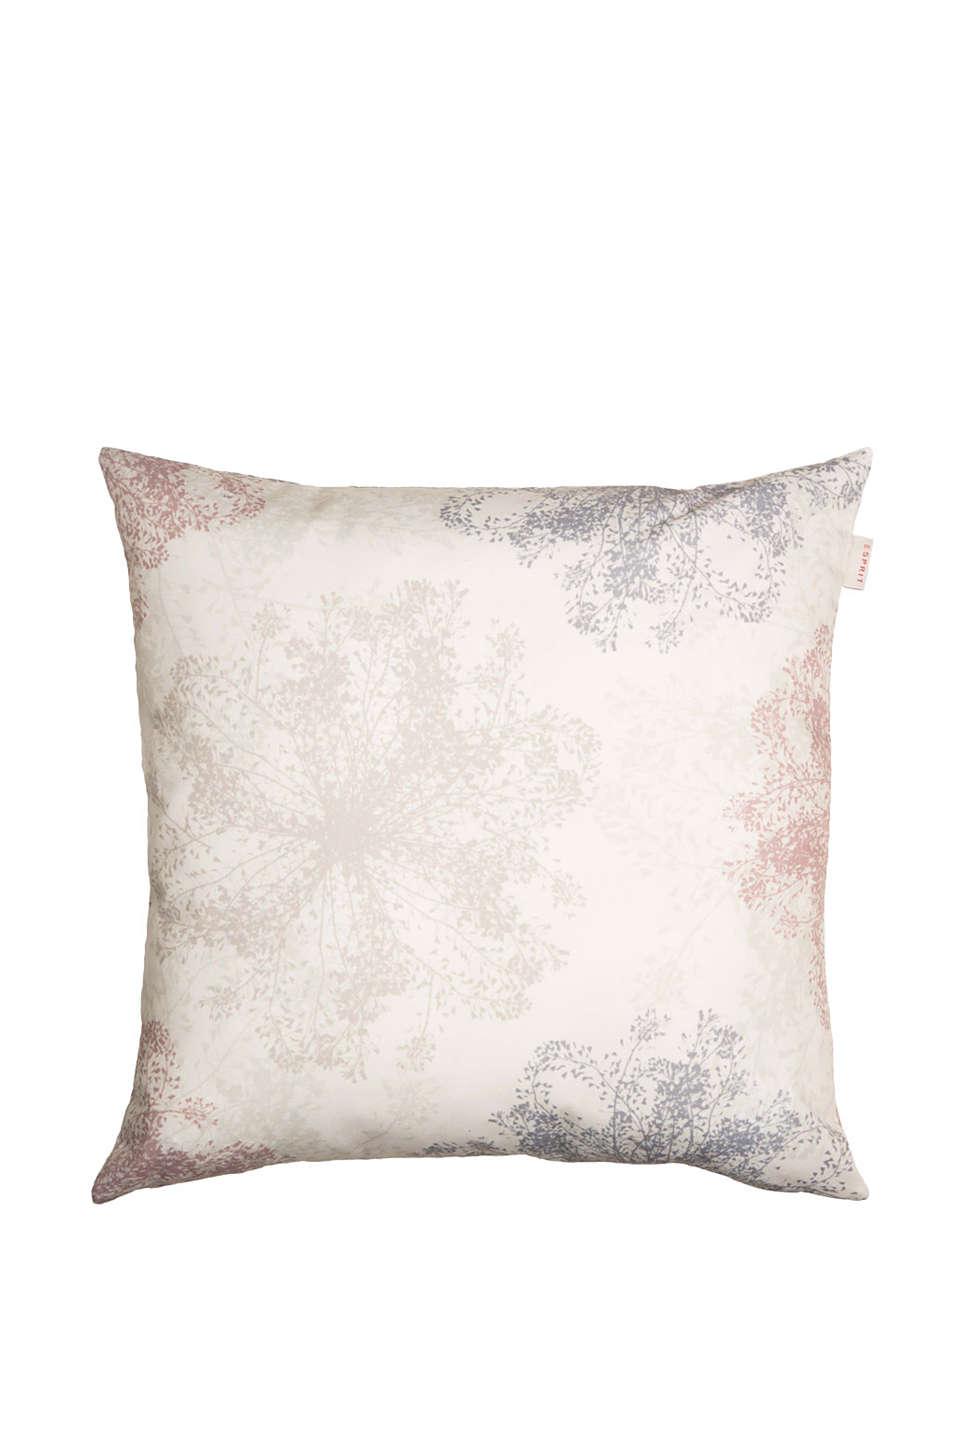 esprit housse de coussin imprim pastel acheter sur la boutique en ligne. Black Bedroom Furniture Sets. Home Design Ideas